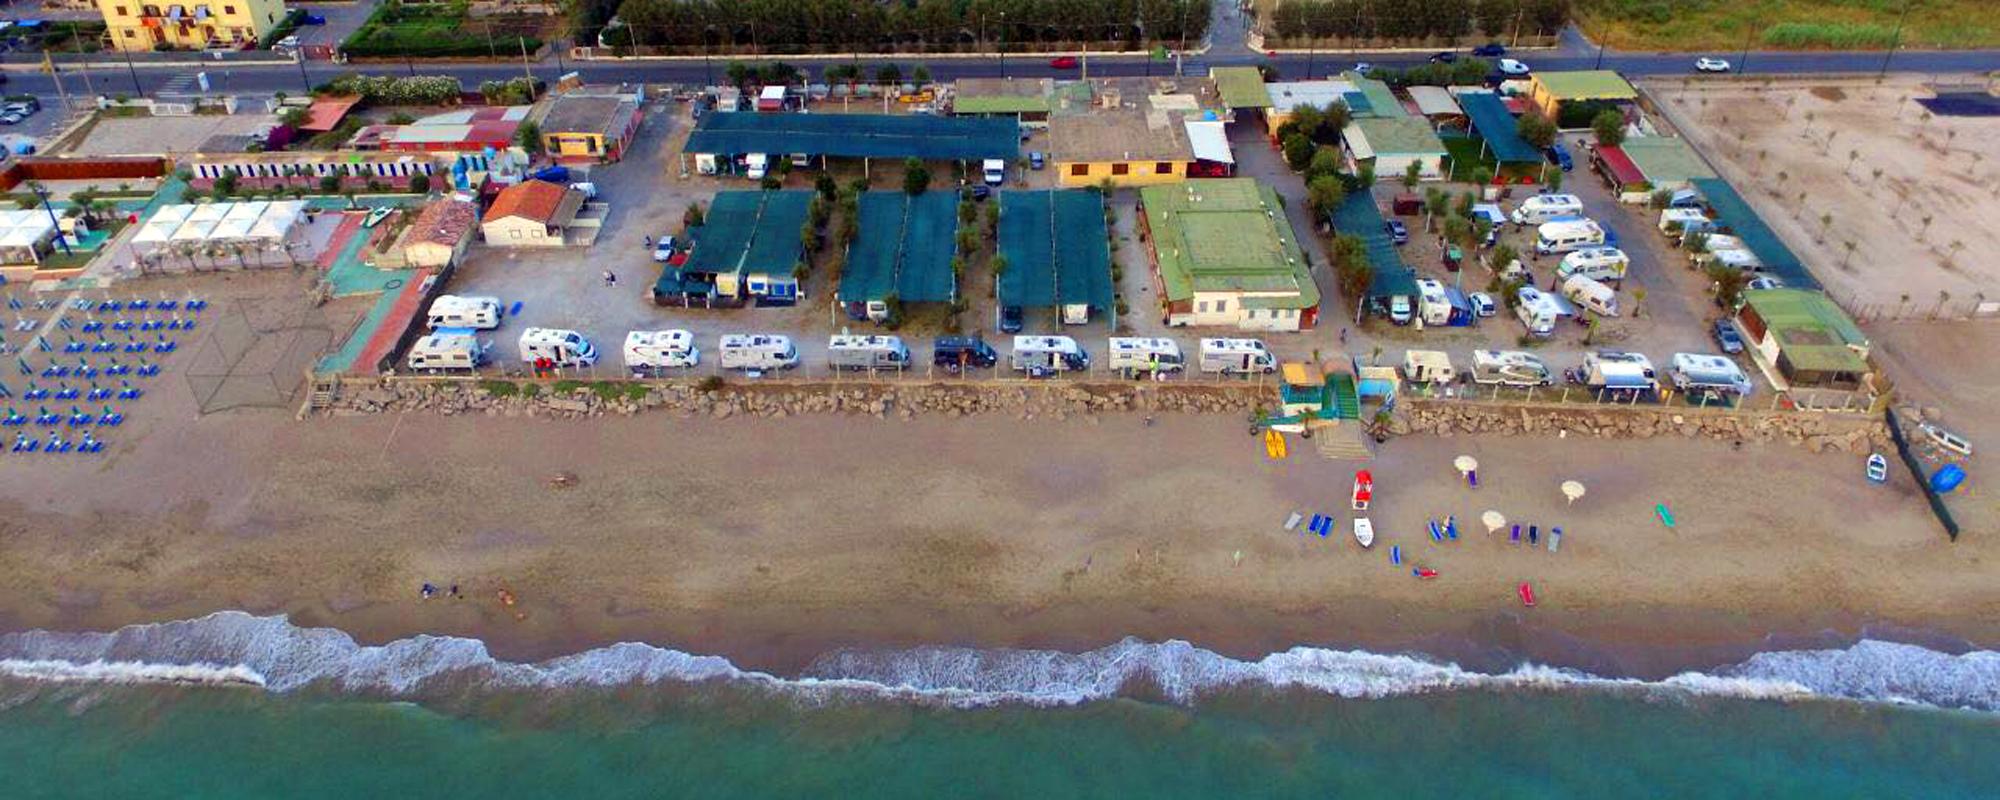 Camping Salerno: Vicino alla Costiera Amalfitana ideale per sosta ...